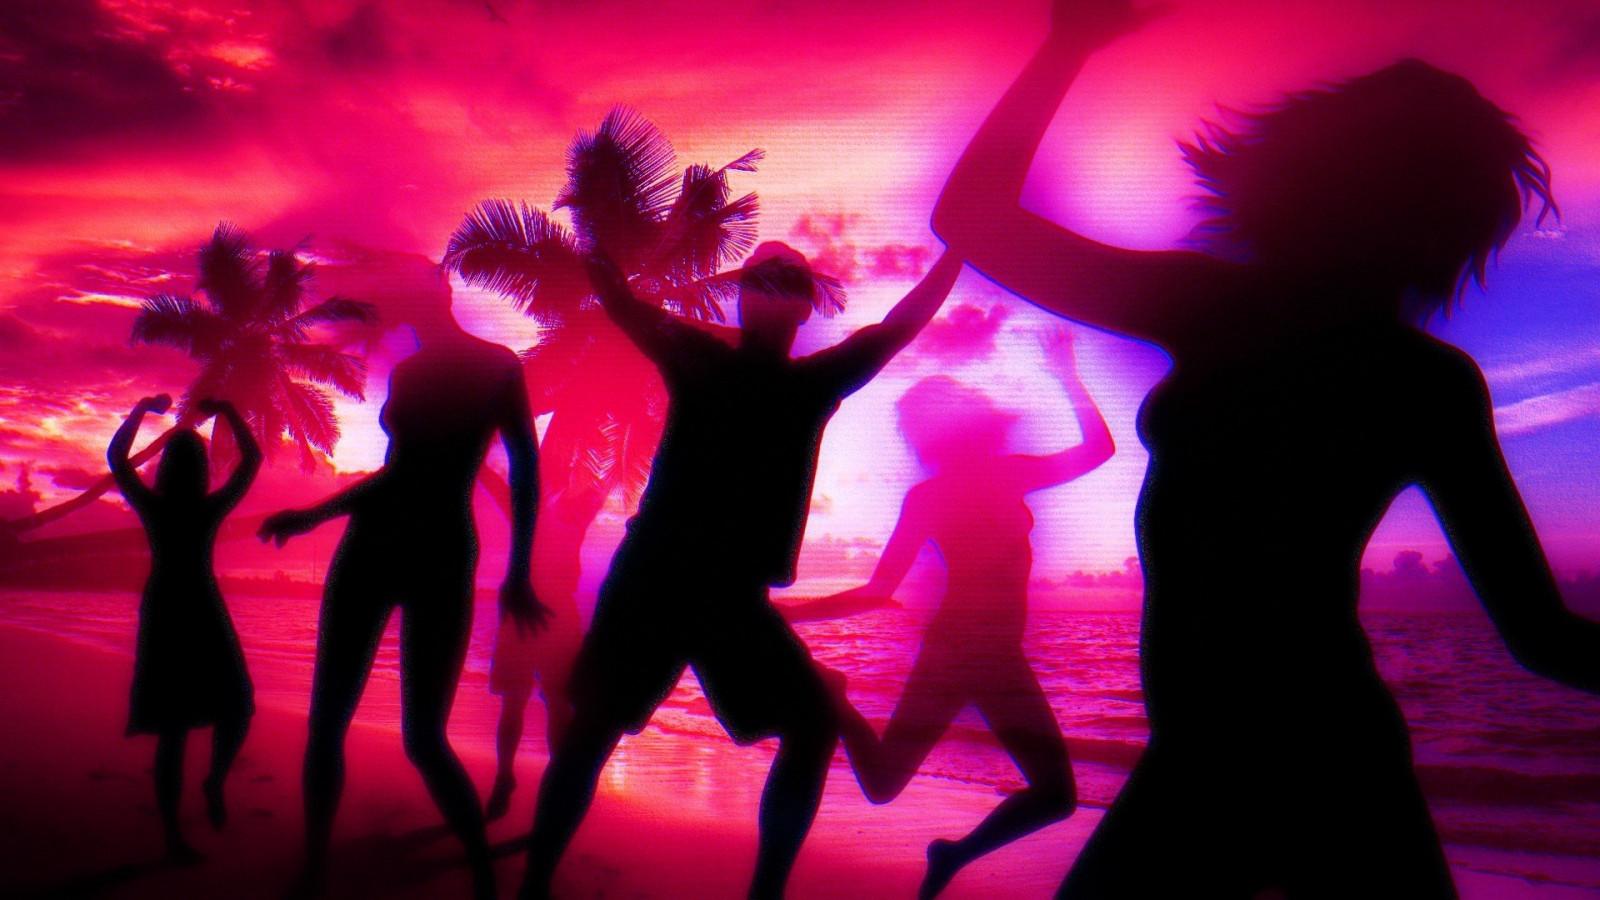 Картинка на вечер танцев